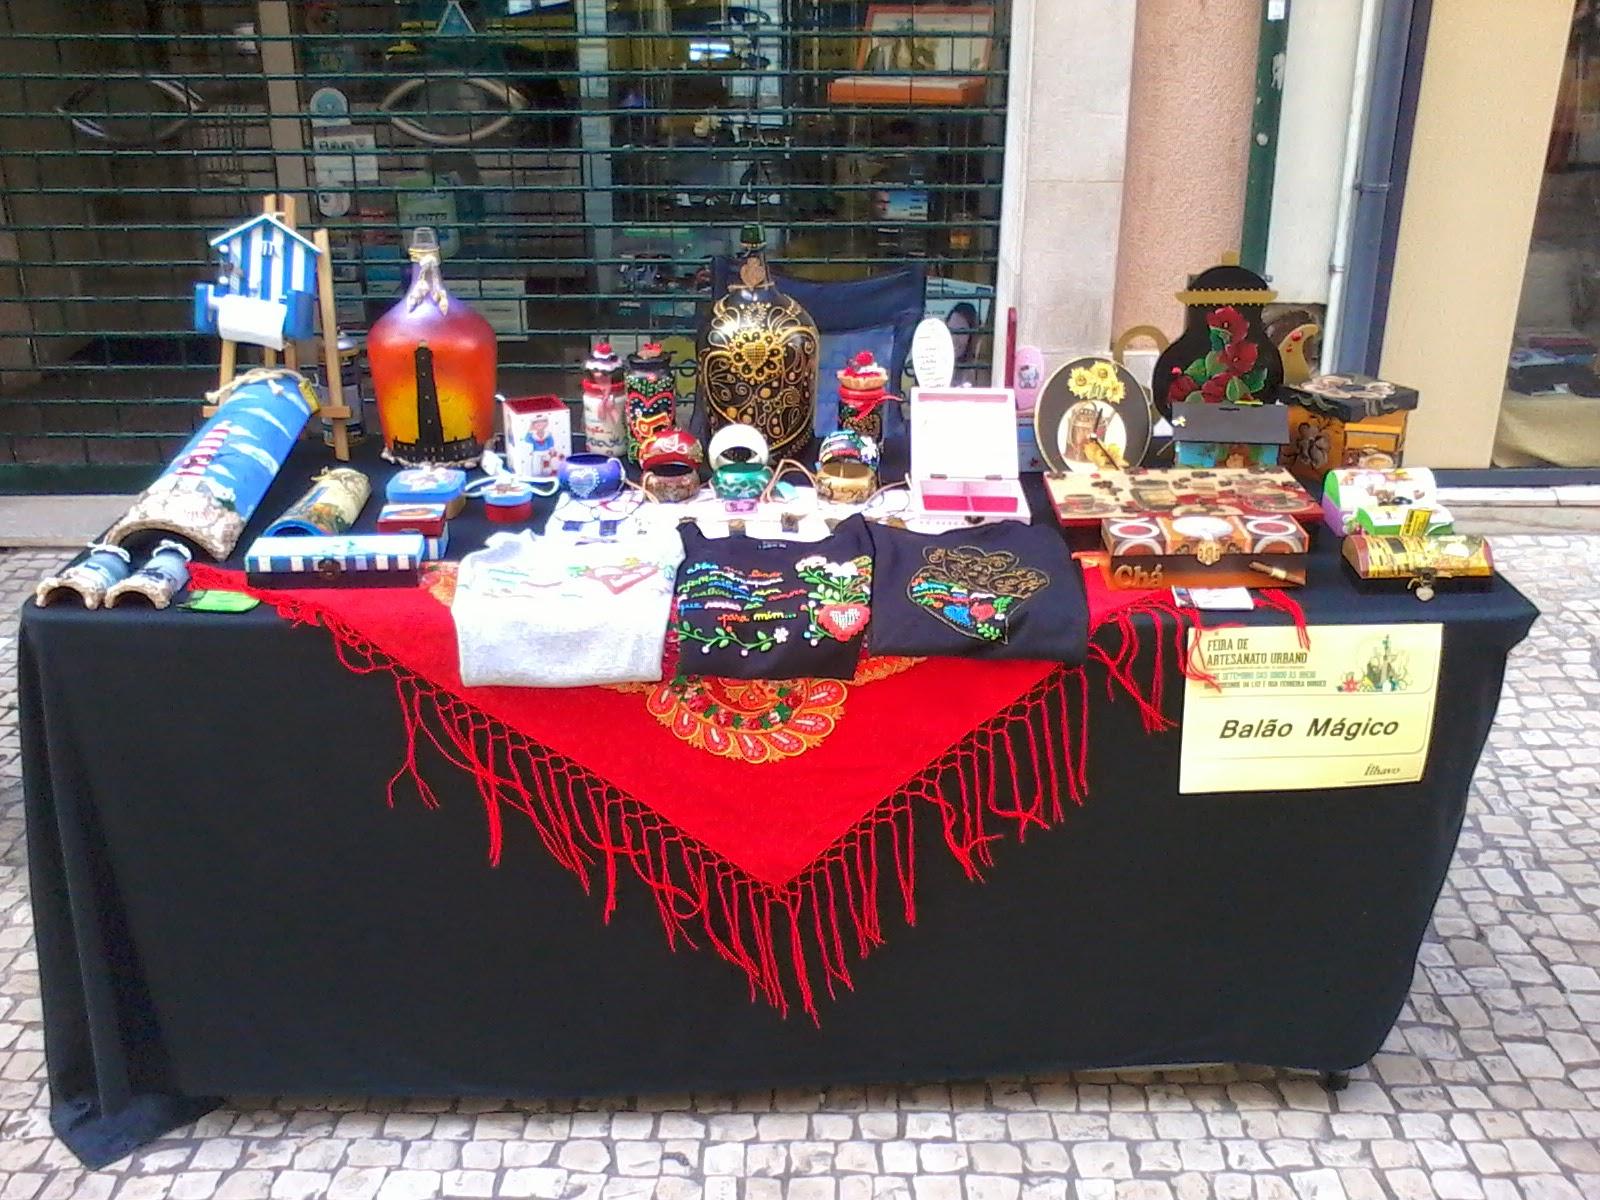 Armario Esquinero ~ BALÃO MÁGICO Feira de Artesanato Urbano de Coimbra